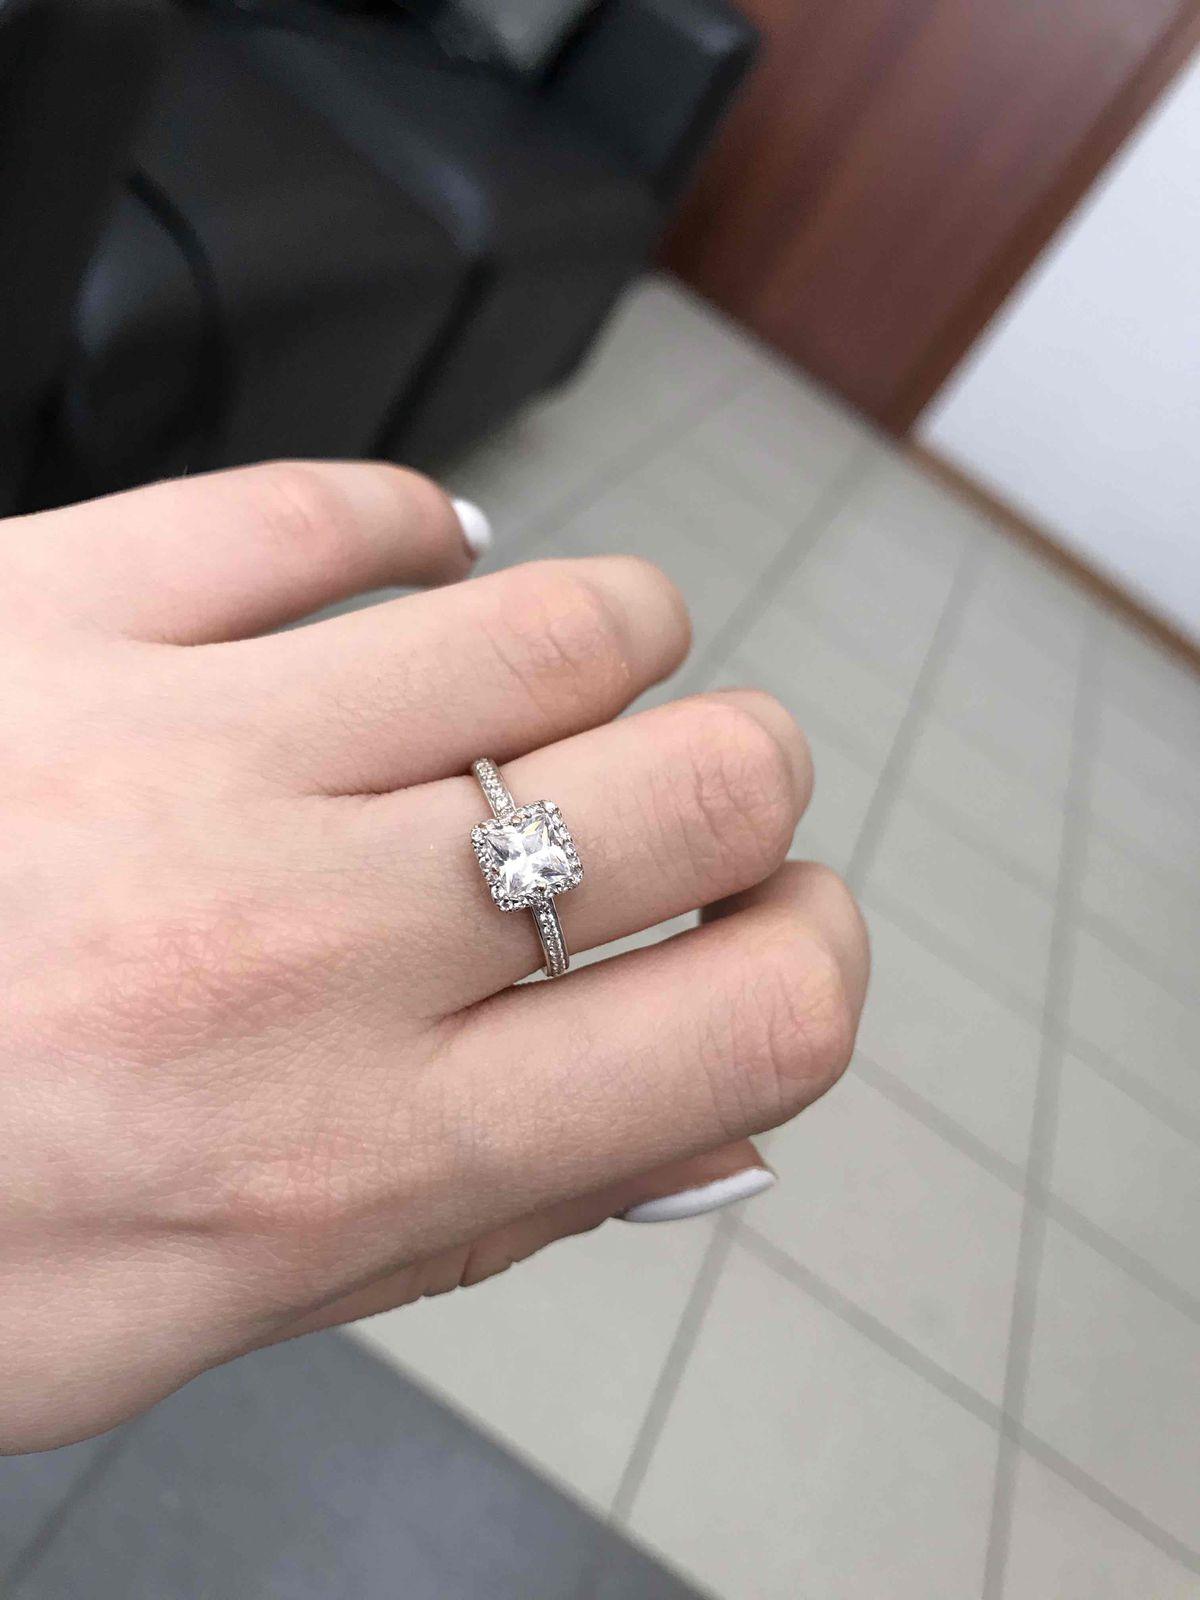 Не пожалела  что выбрала именно это кольцо